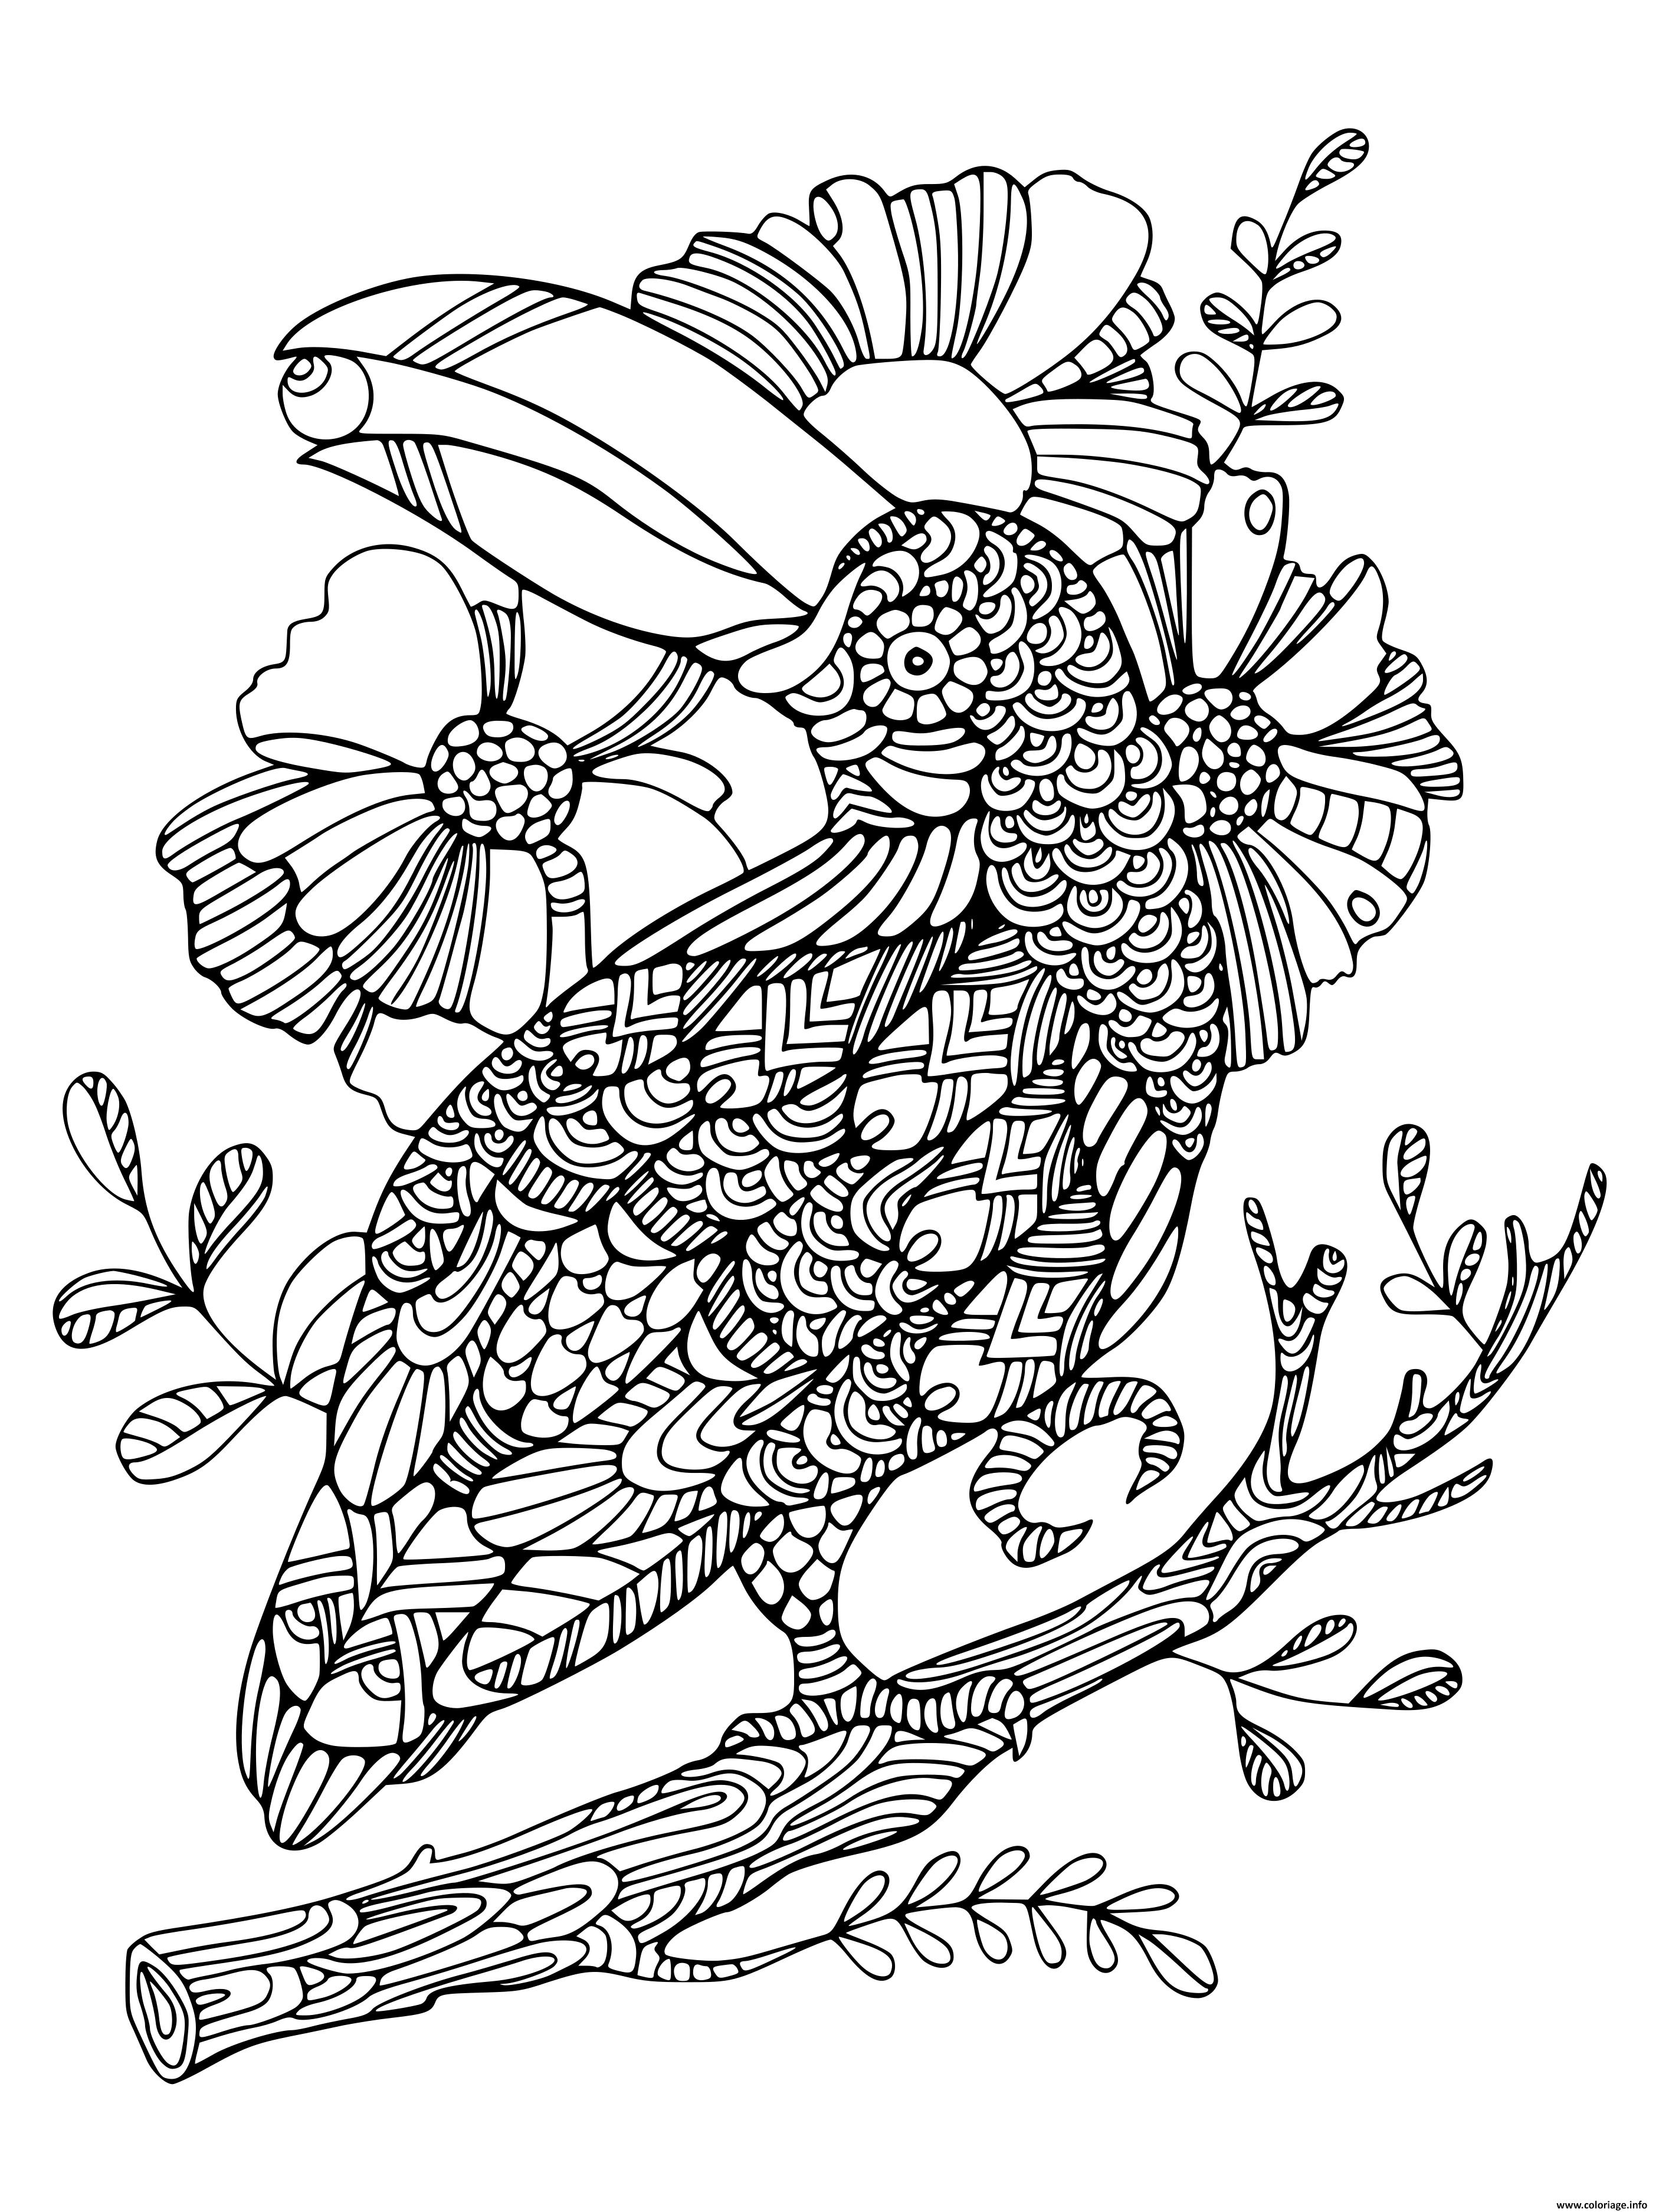 Coloriage Oiseau Mandala Toucan Zentangle Adulte Dessin ...